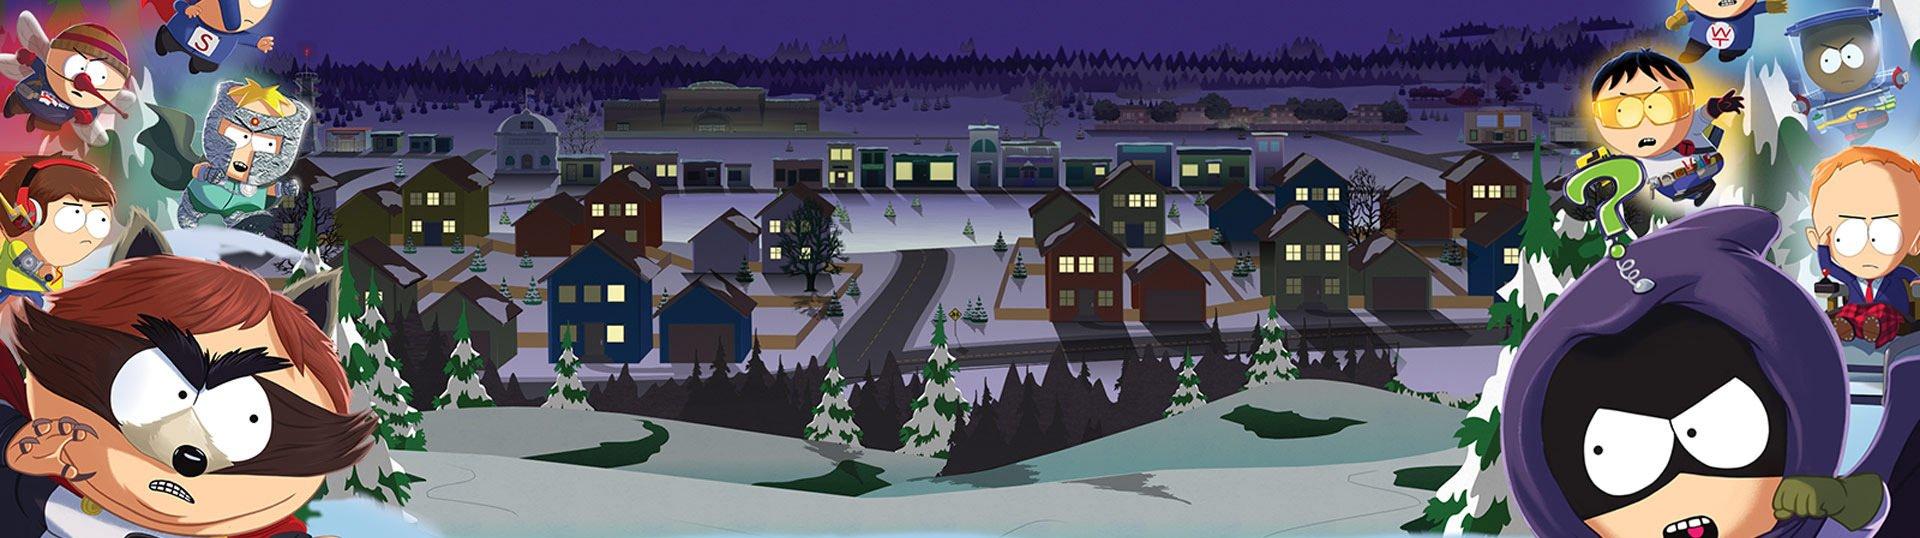 South Park: Die rektakuläre Zerreißprobe Gold Edition Xbox One - Standard 9,99 - Der Stab der Wahrheit 9,99